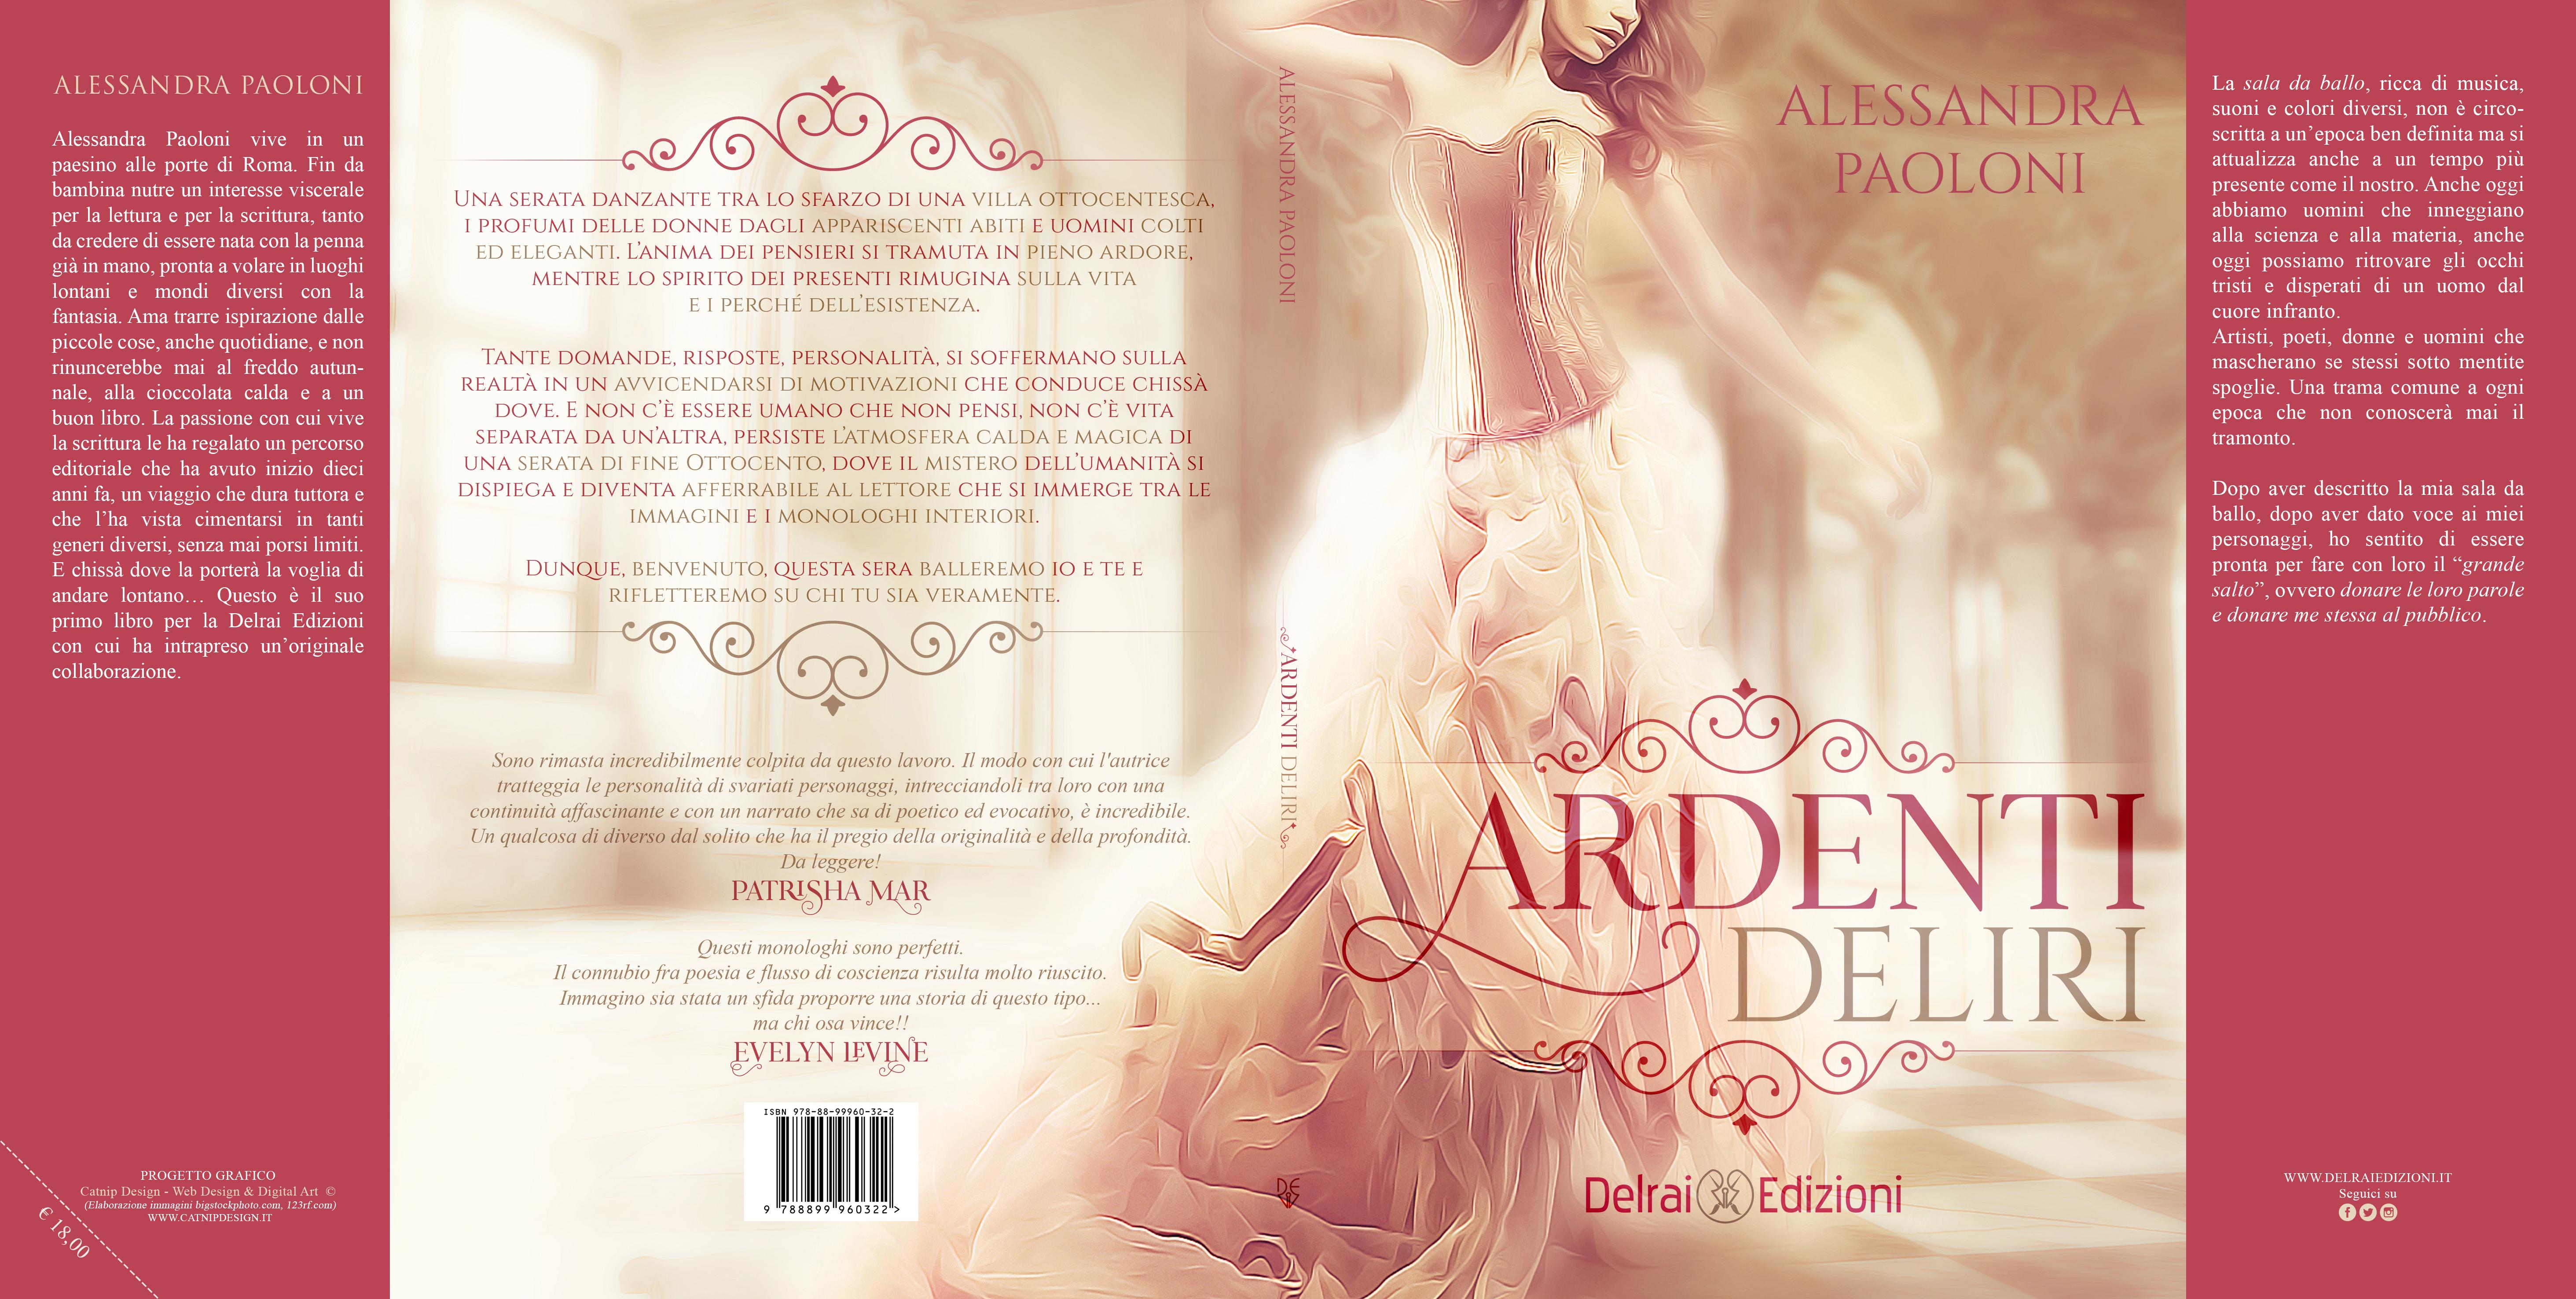 Ardenti Deliri, Alessandra Paoloni